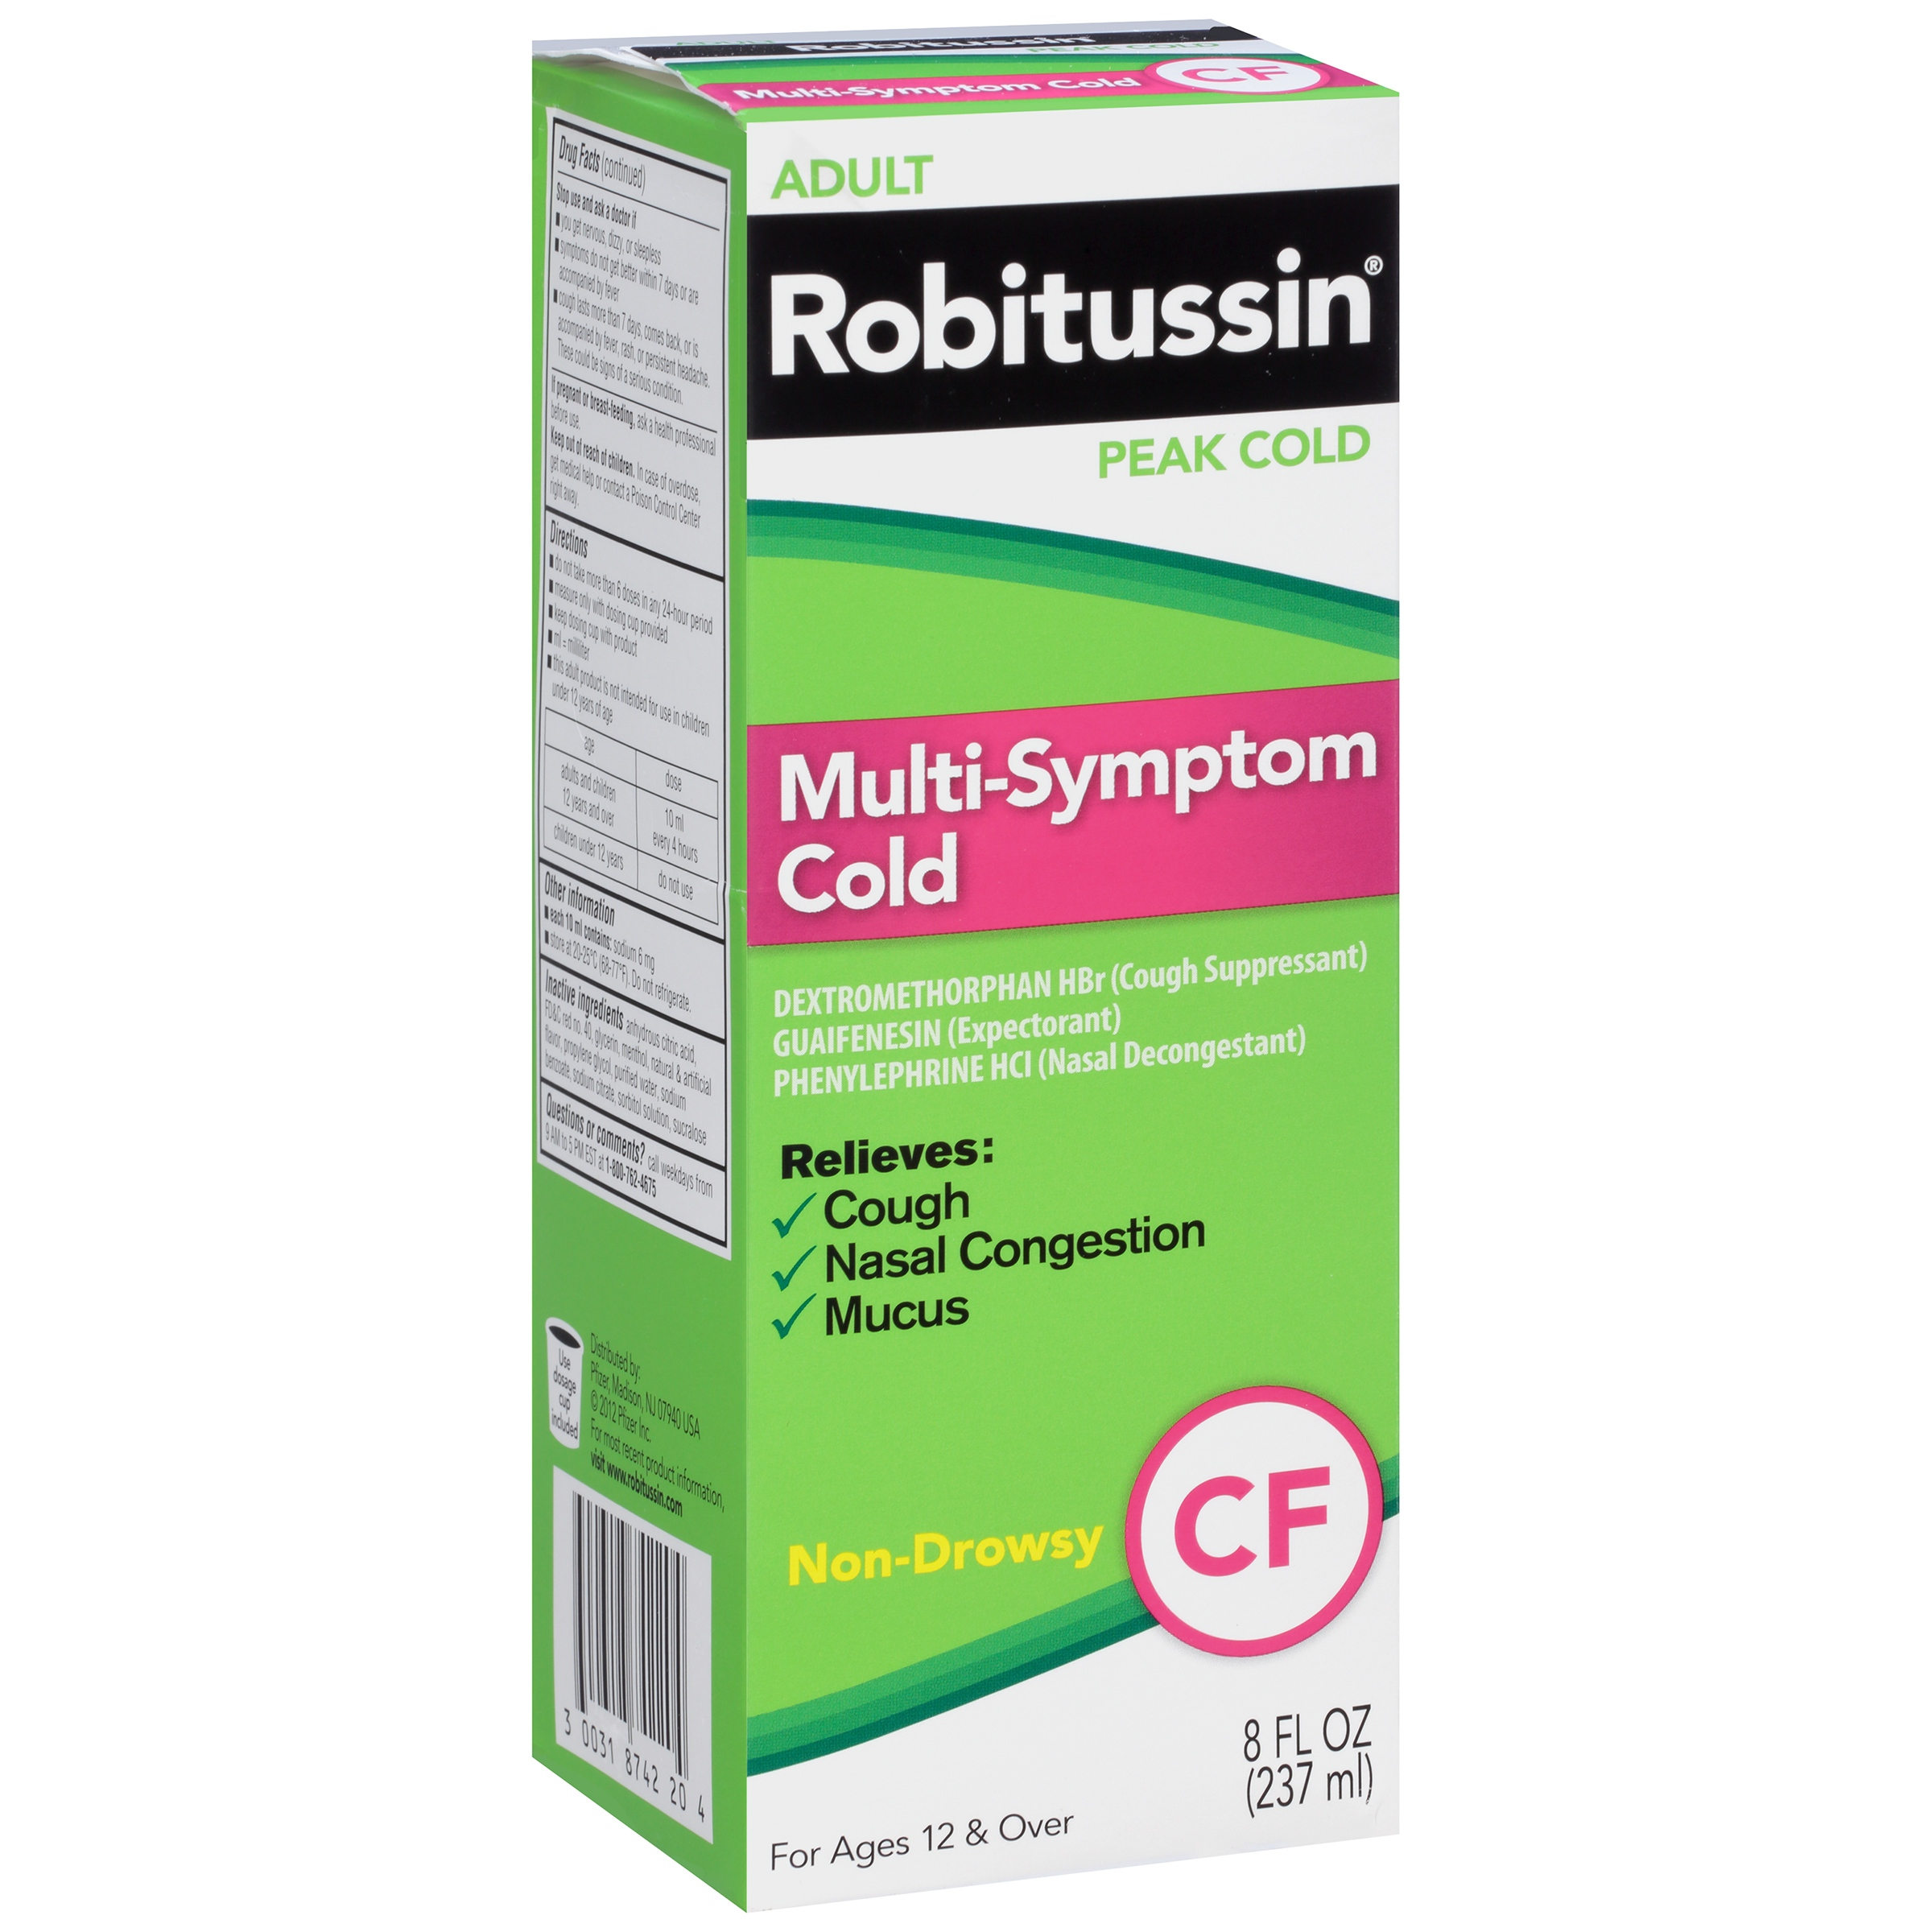 Robitussin Adult Peak Cold Non-Drowsy Multi-Symptom Cold CF Liquid, 8 fl oz